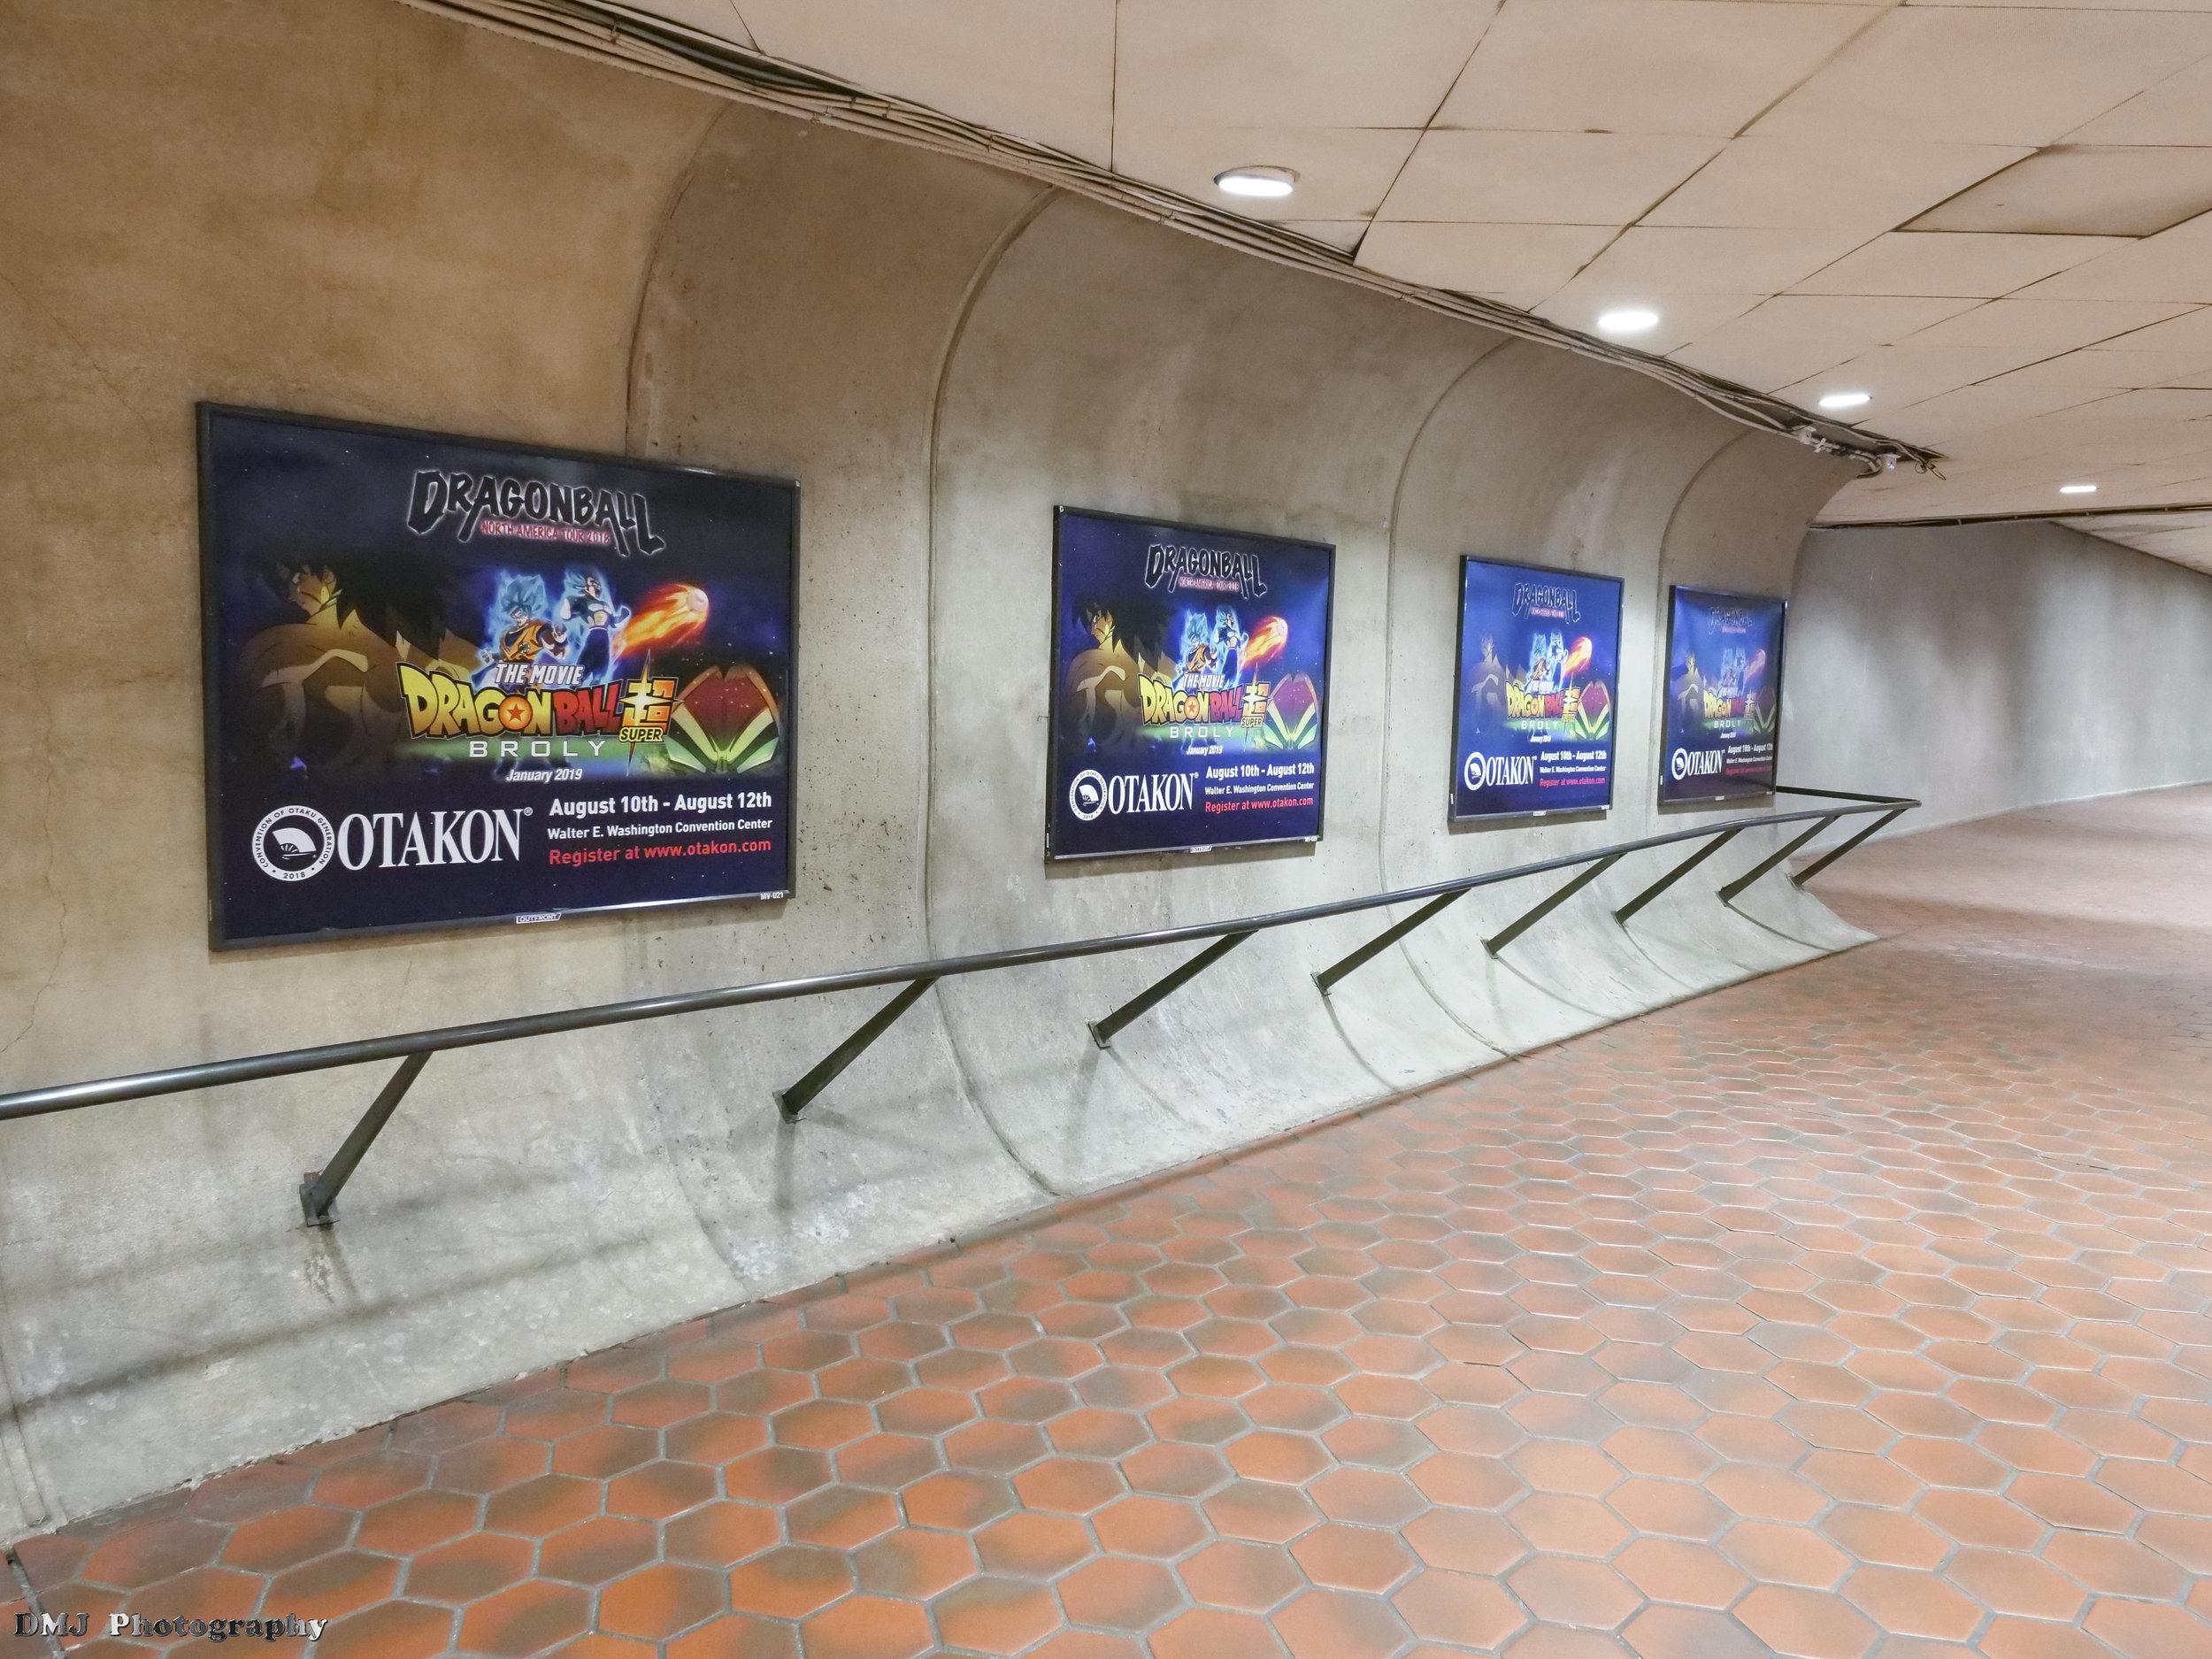 Dragon Ball Tour / Otakon advertisement posters at the Metro Station